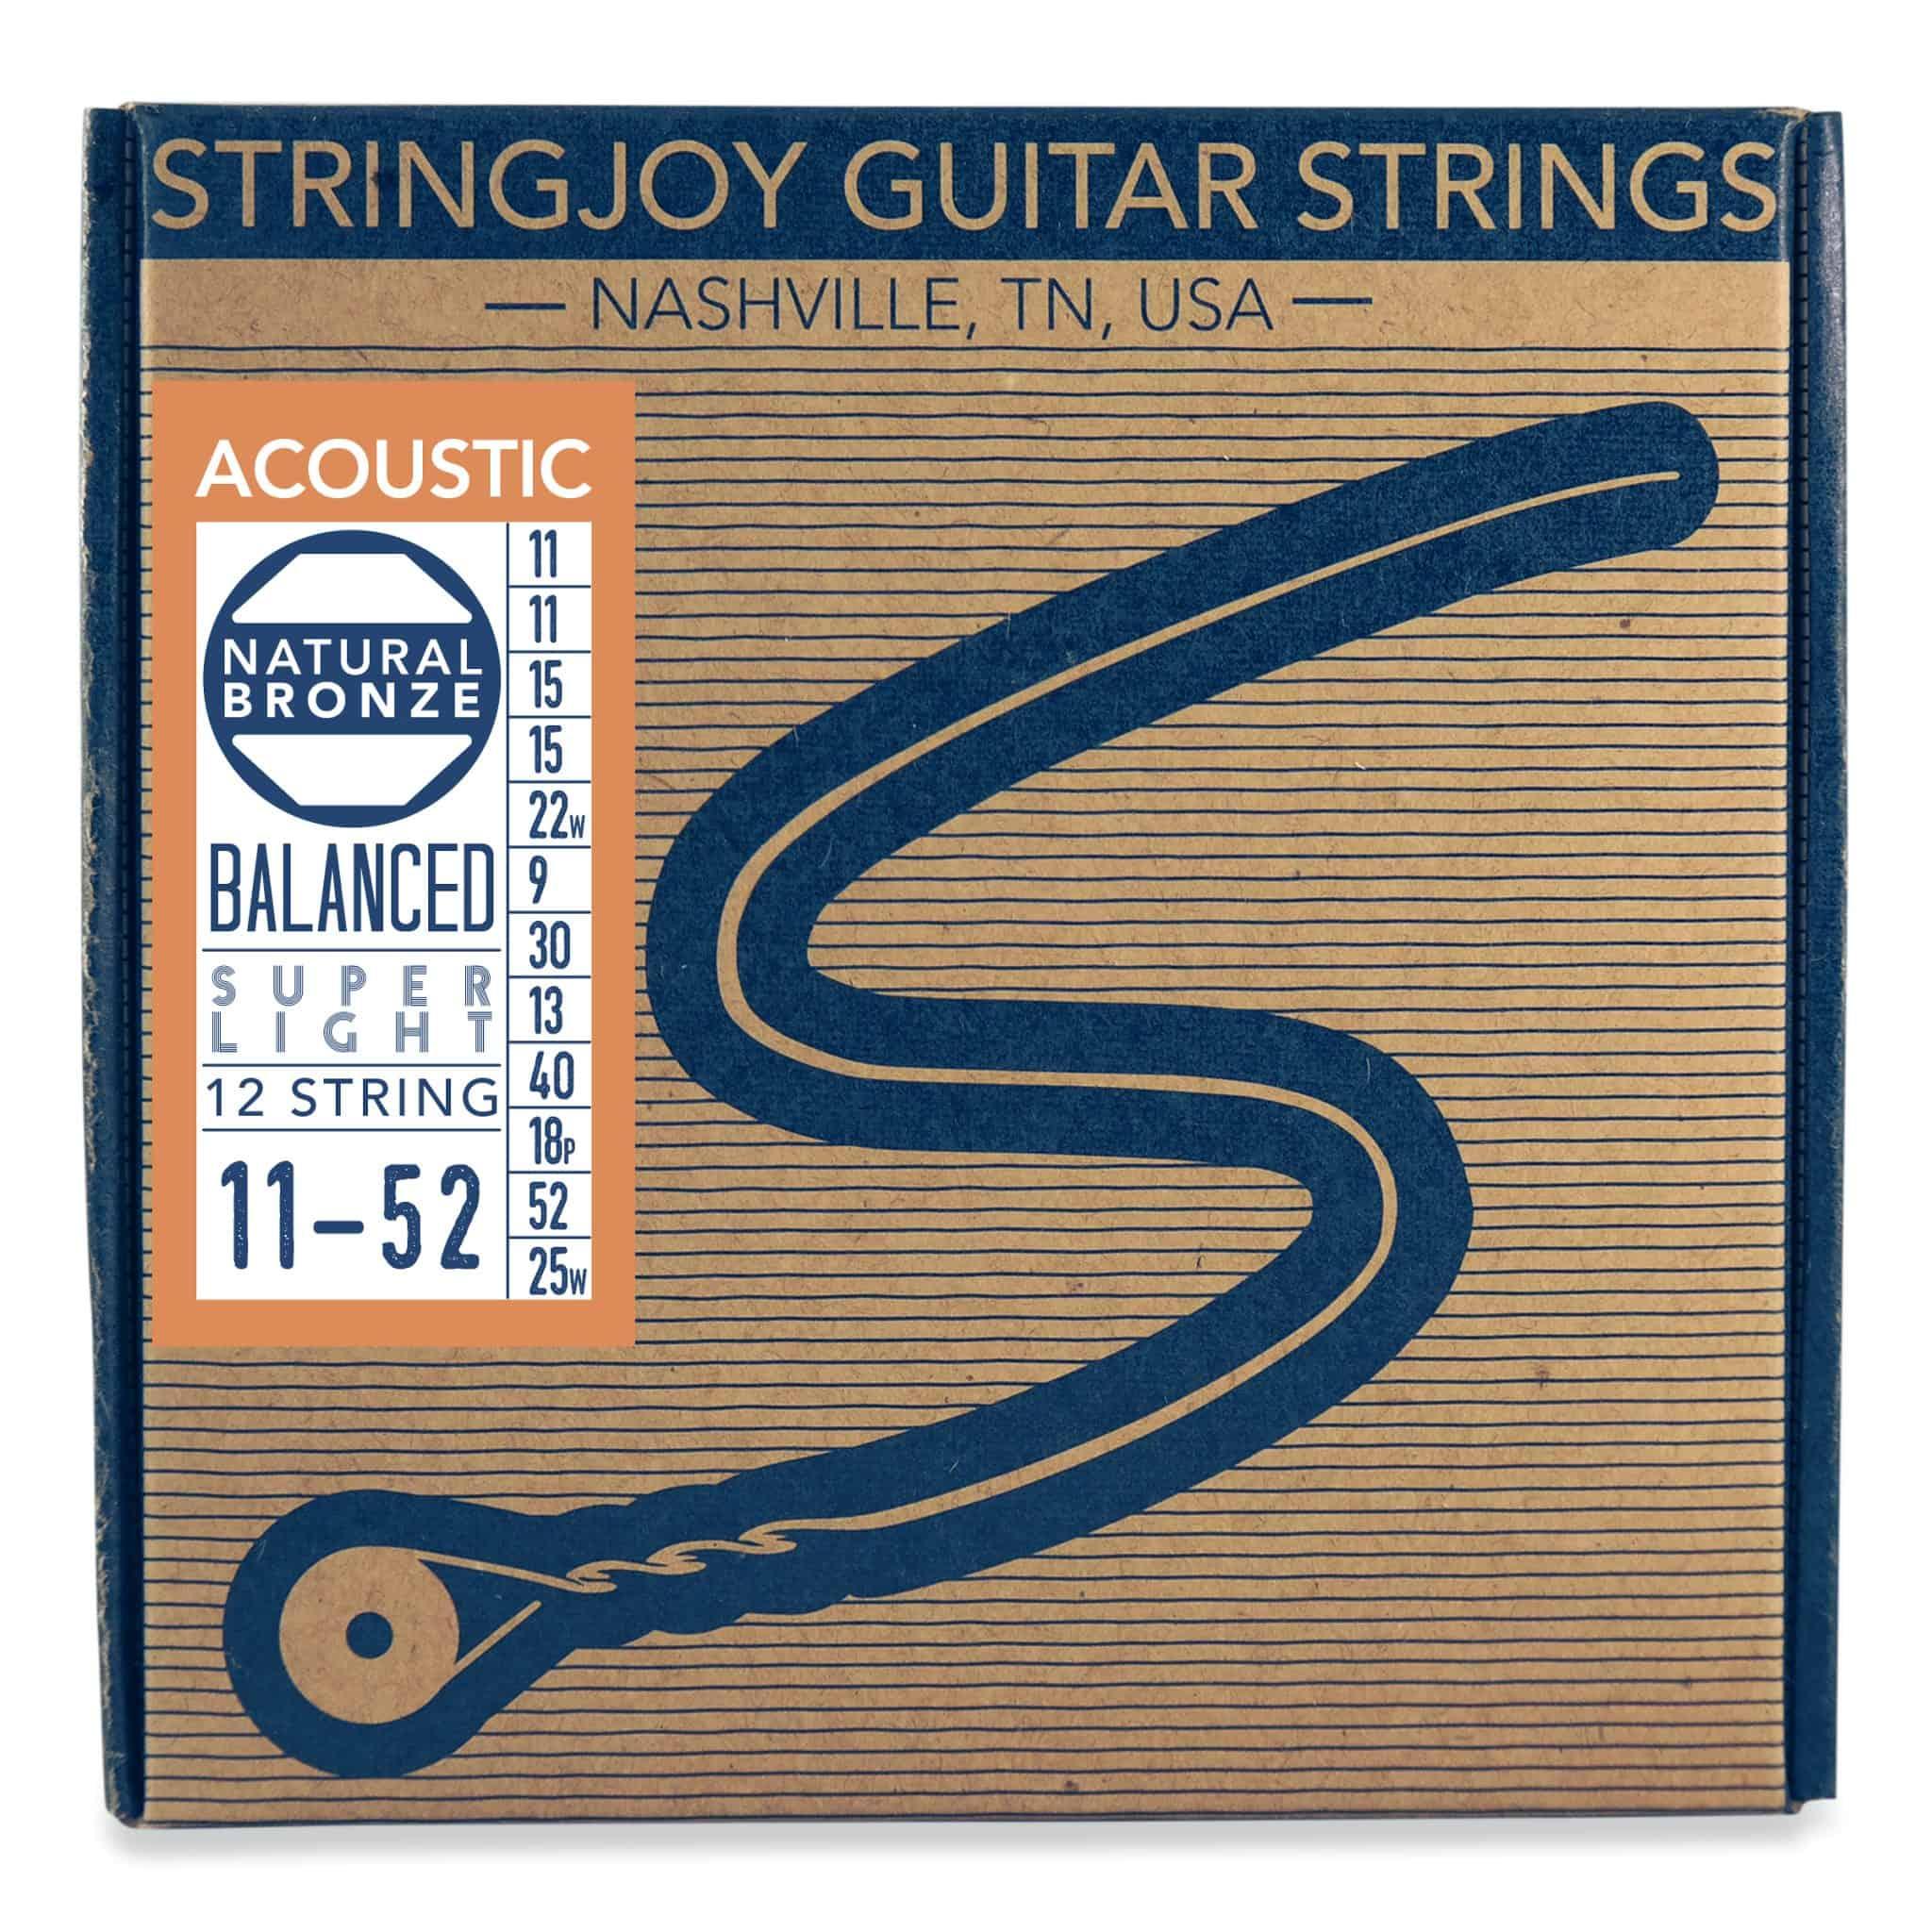 stringjoy super light gauge 12 string phosphor acoustic guitar strings. Black Bedroom Furniture Sets. Home Design Ideas